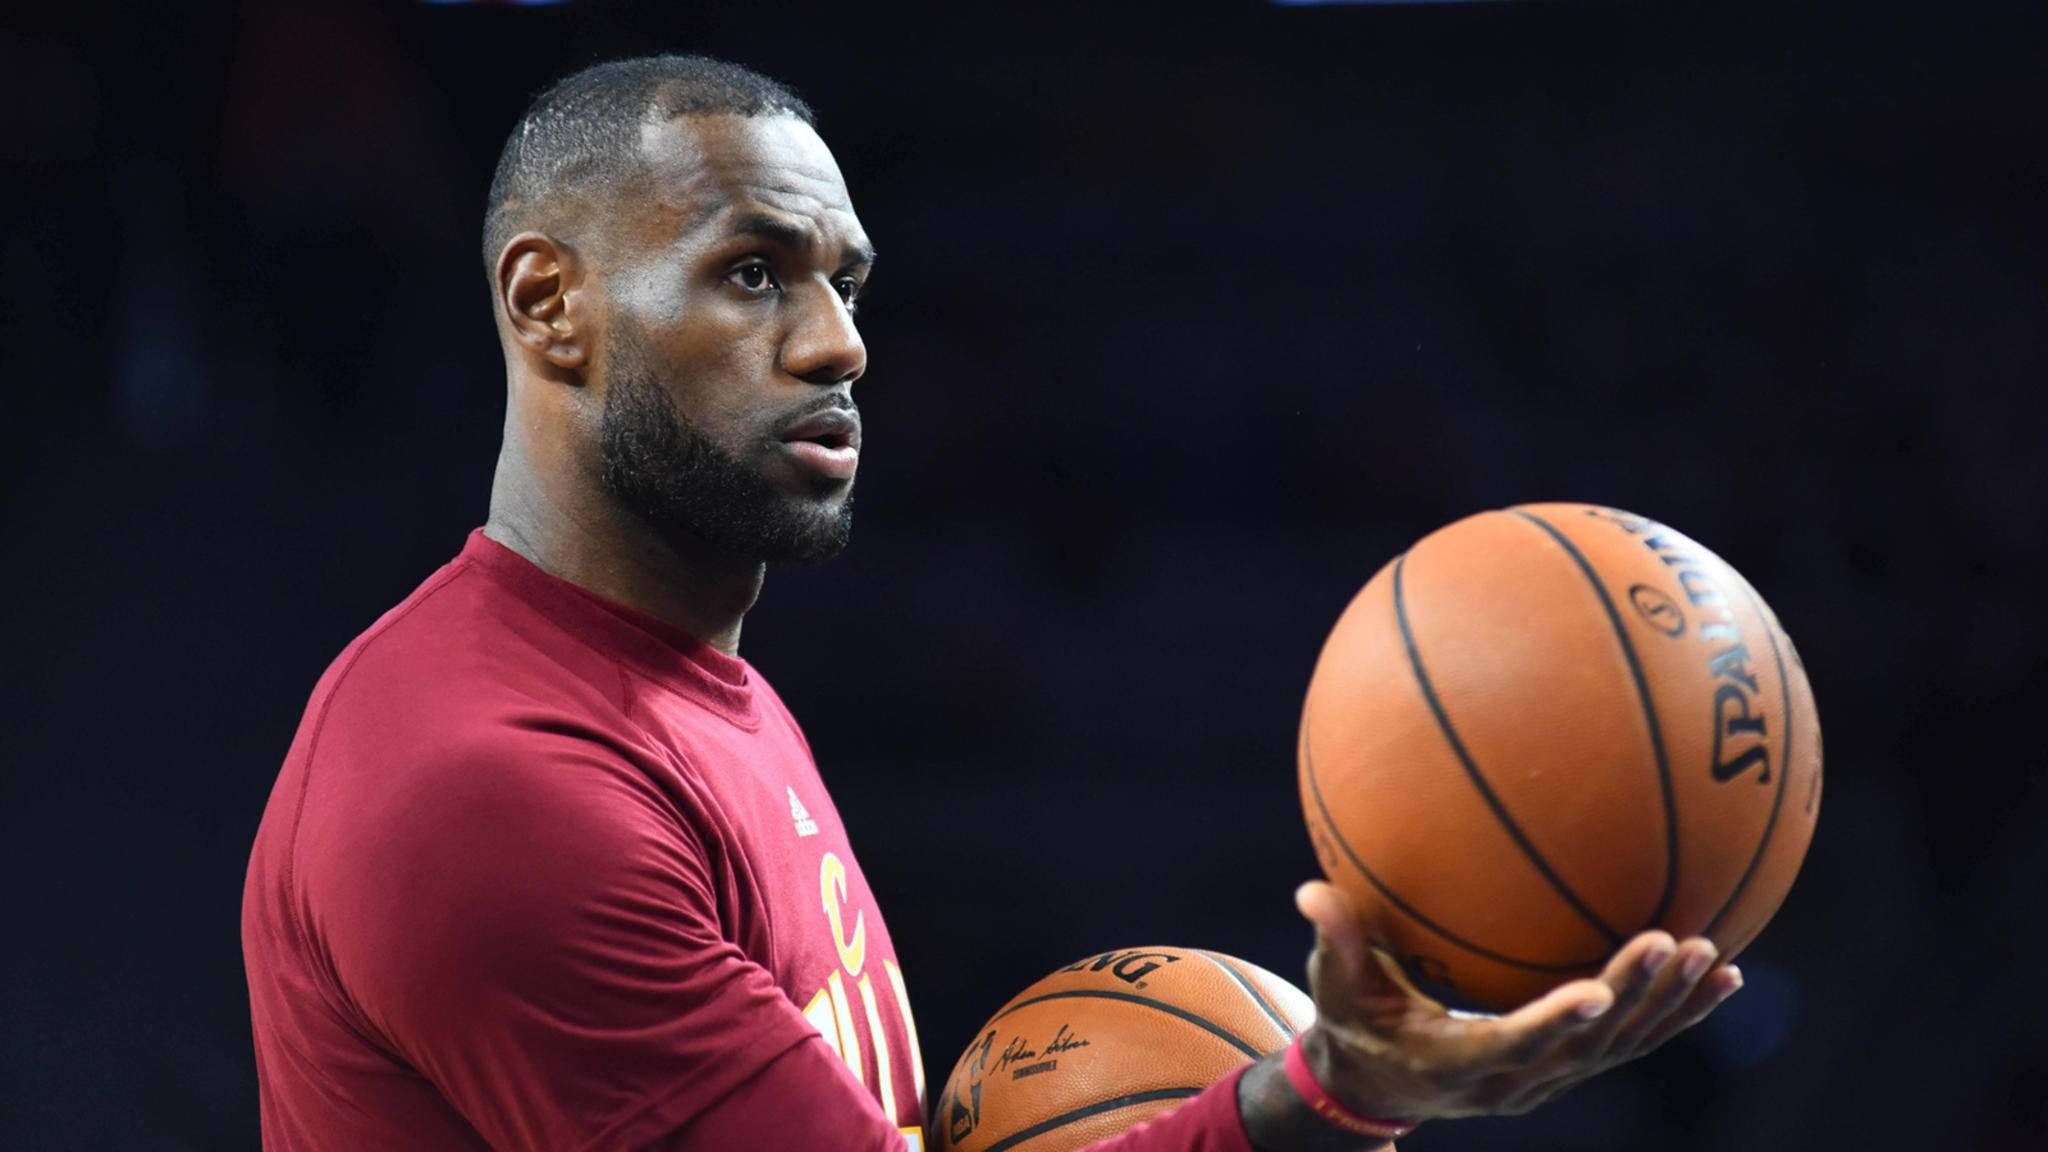 Für LeBron James geht es vom Basketballplatz ans Filmset.